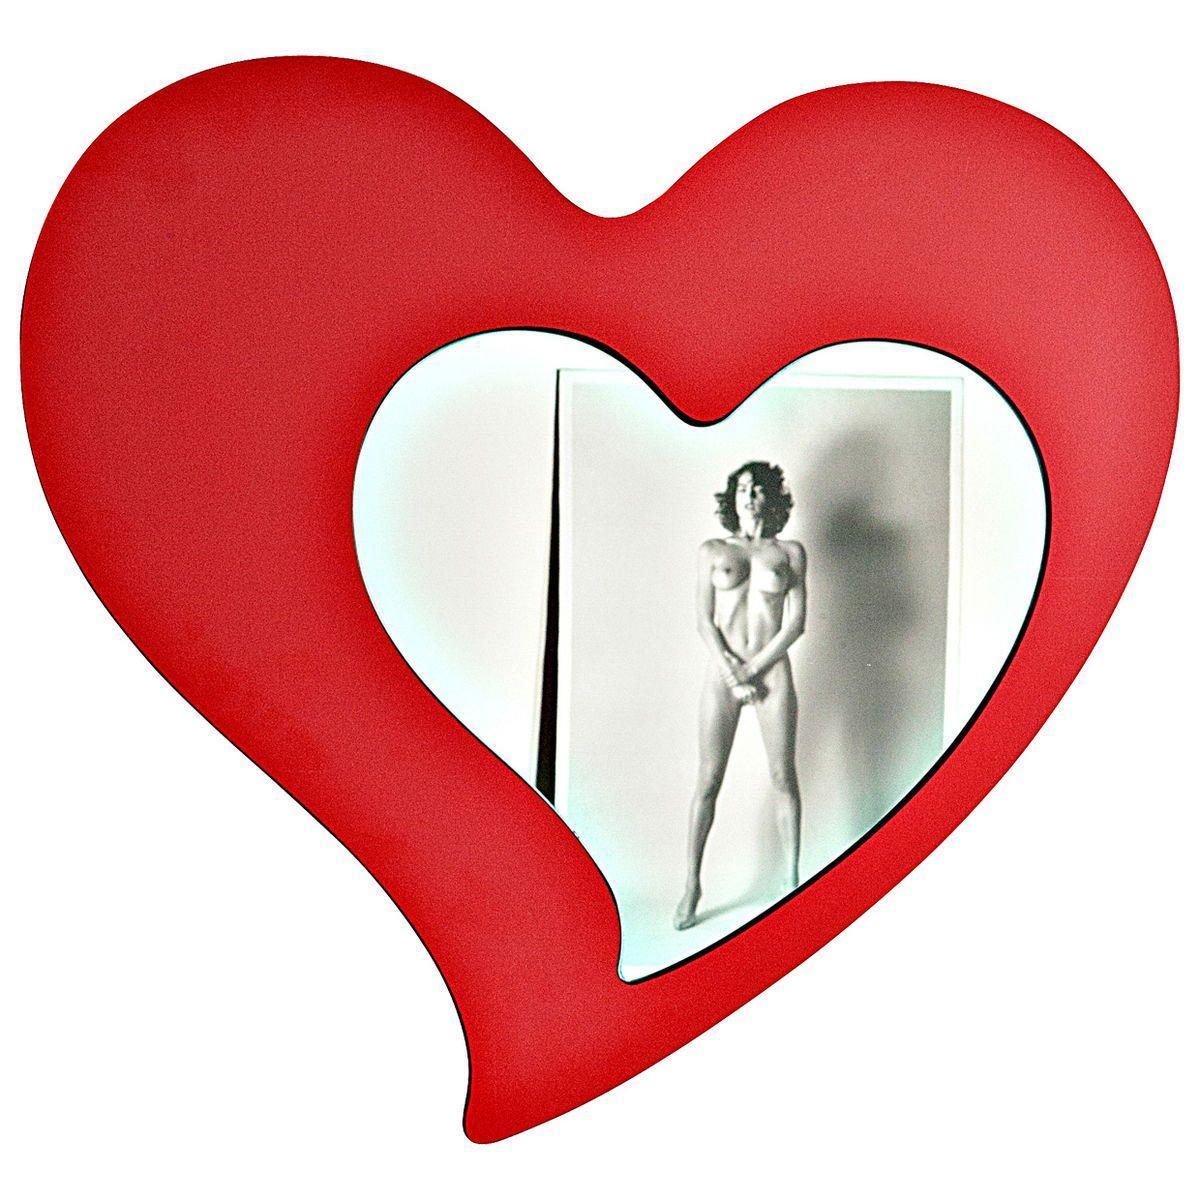 Specchio di vetro a forma di cuore con cornice a forma di cuore di colore rosso